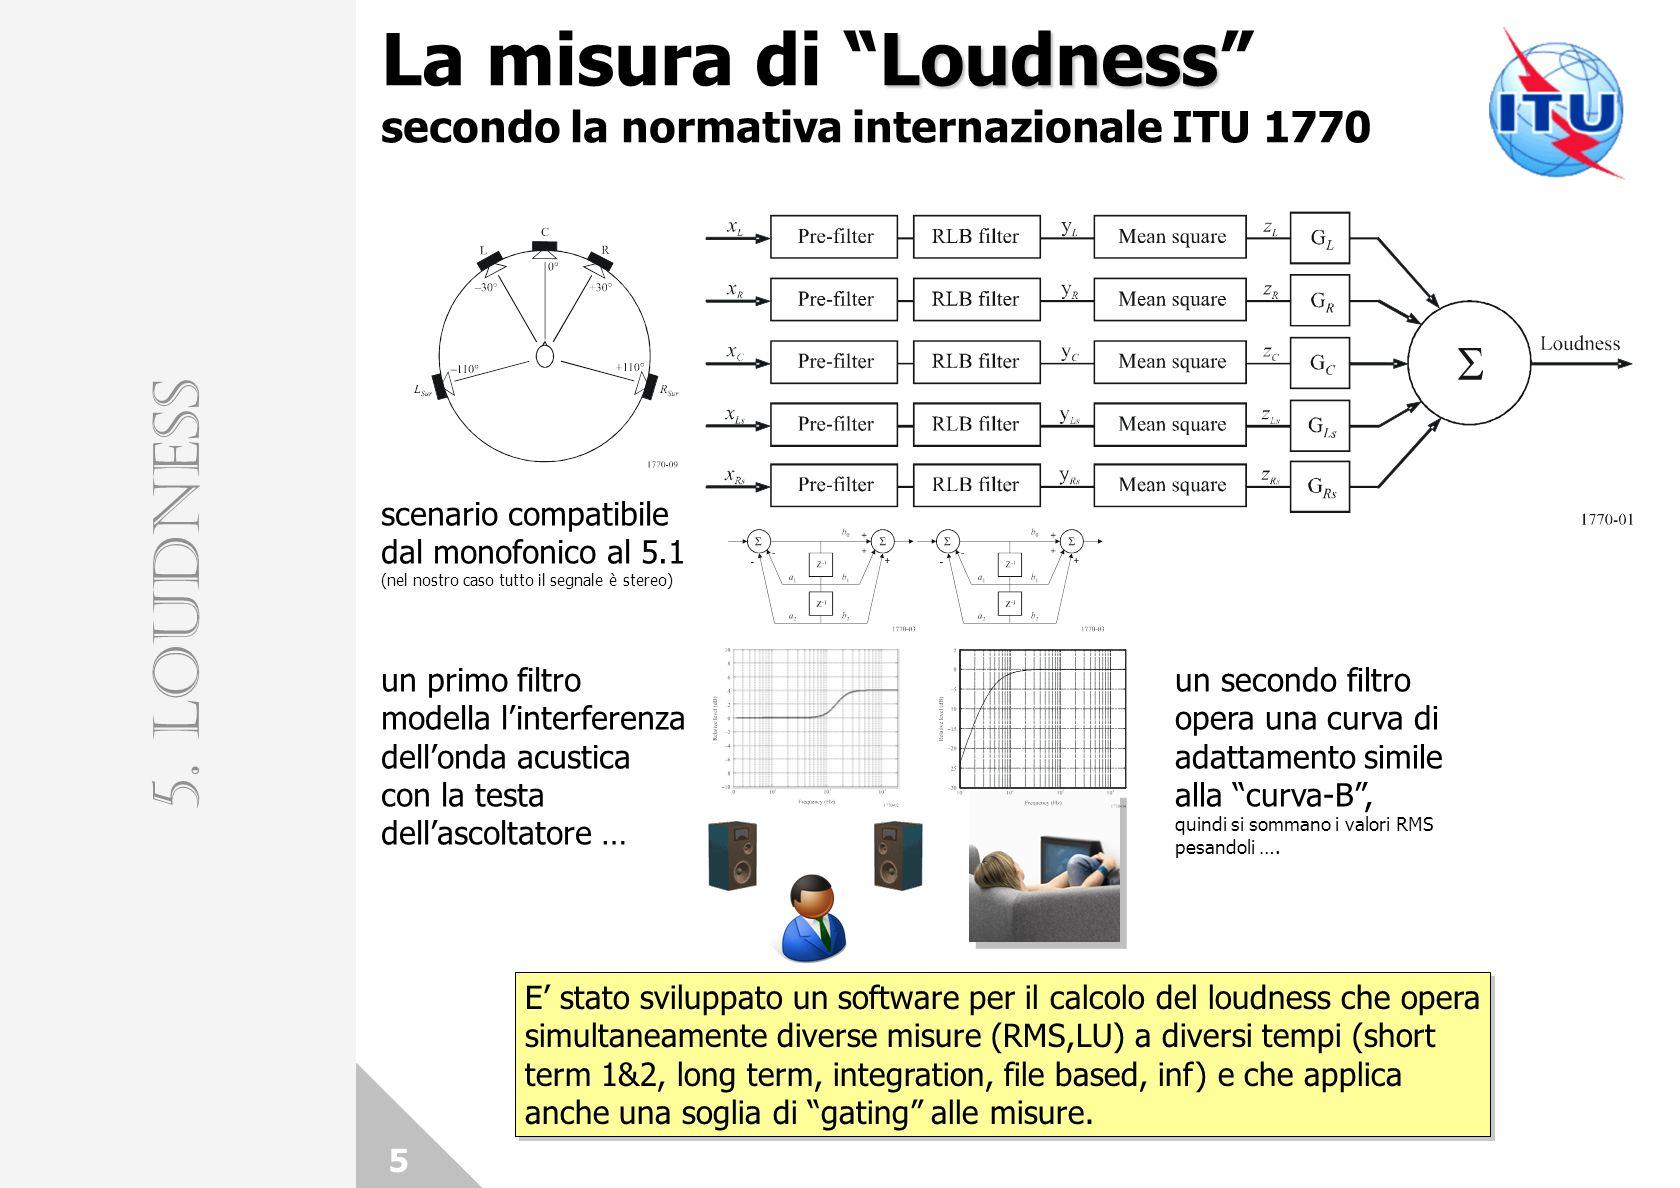 Loudness La misura di Loudness secondo la normativa internazionale ITU 1770 5 scenario compatibile dal monofonico al 5.1 (nel nostro caso tutto il seg